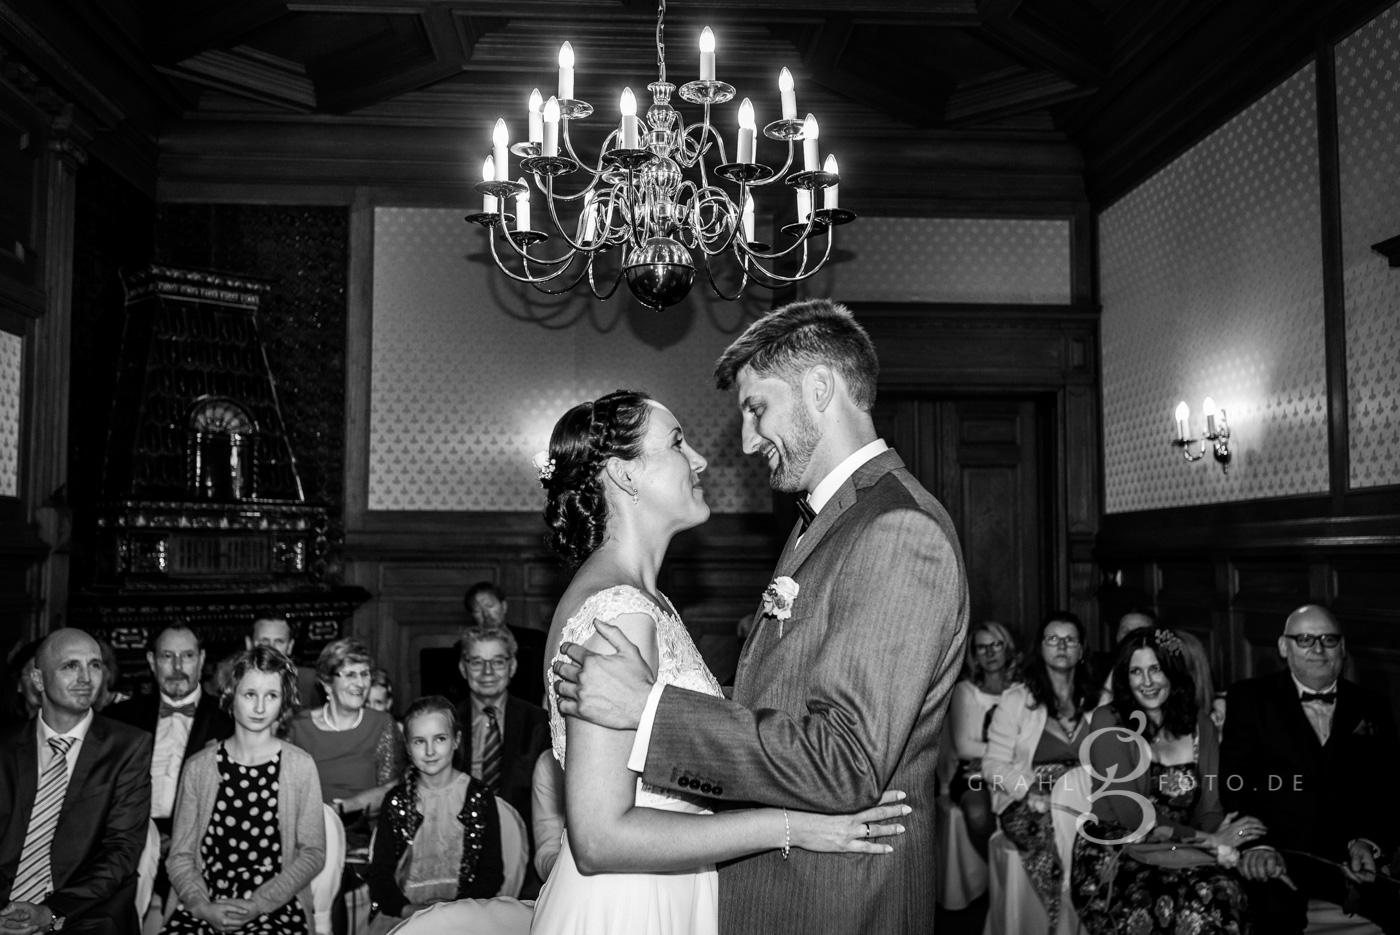 Grahlfoto Hochzeitsfotografie by Cordula Maria Grahl